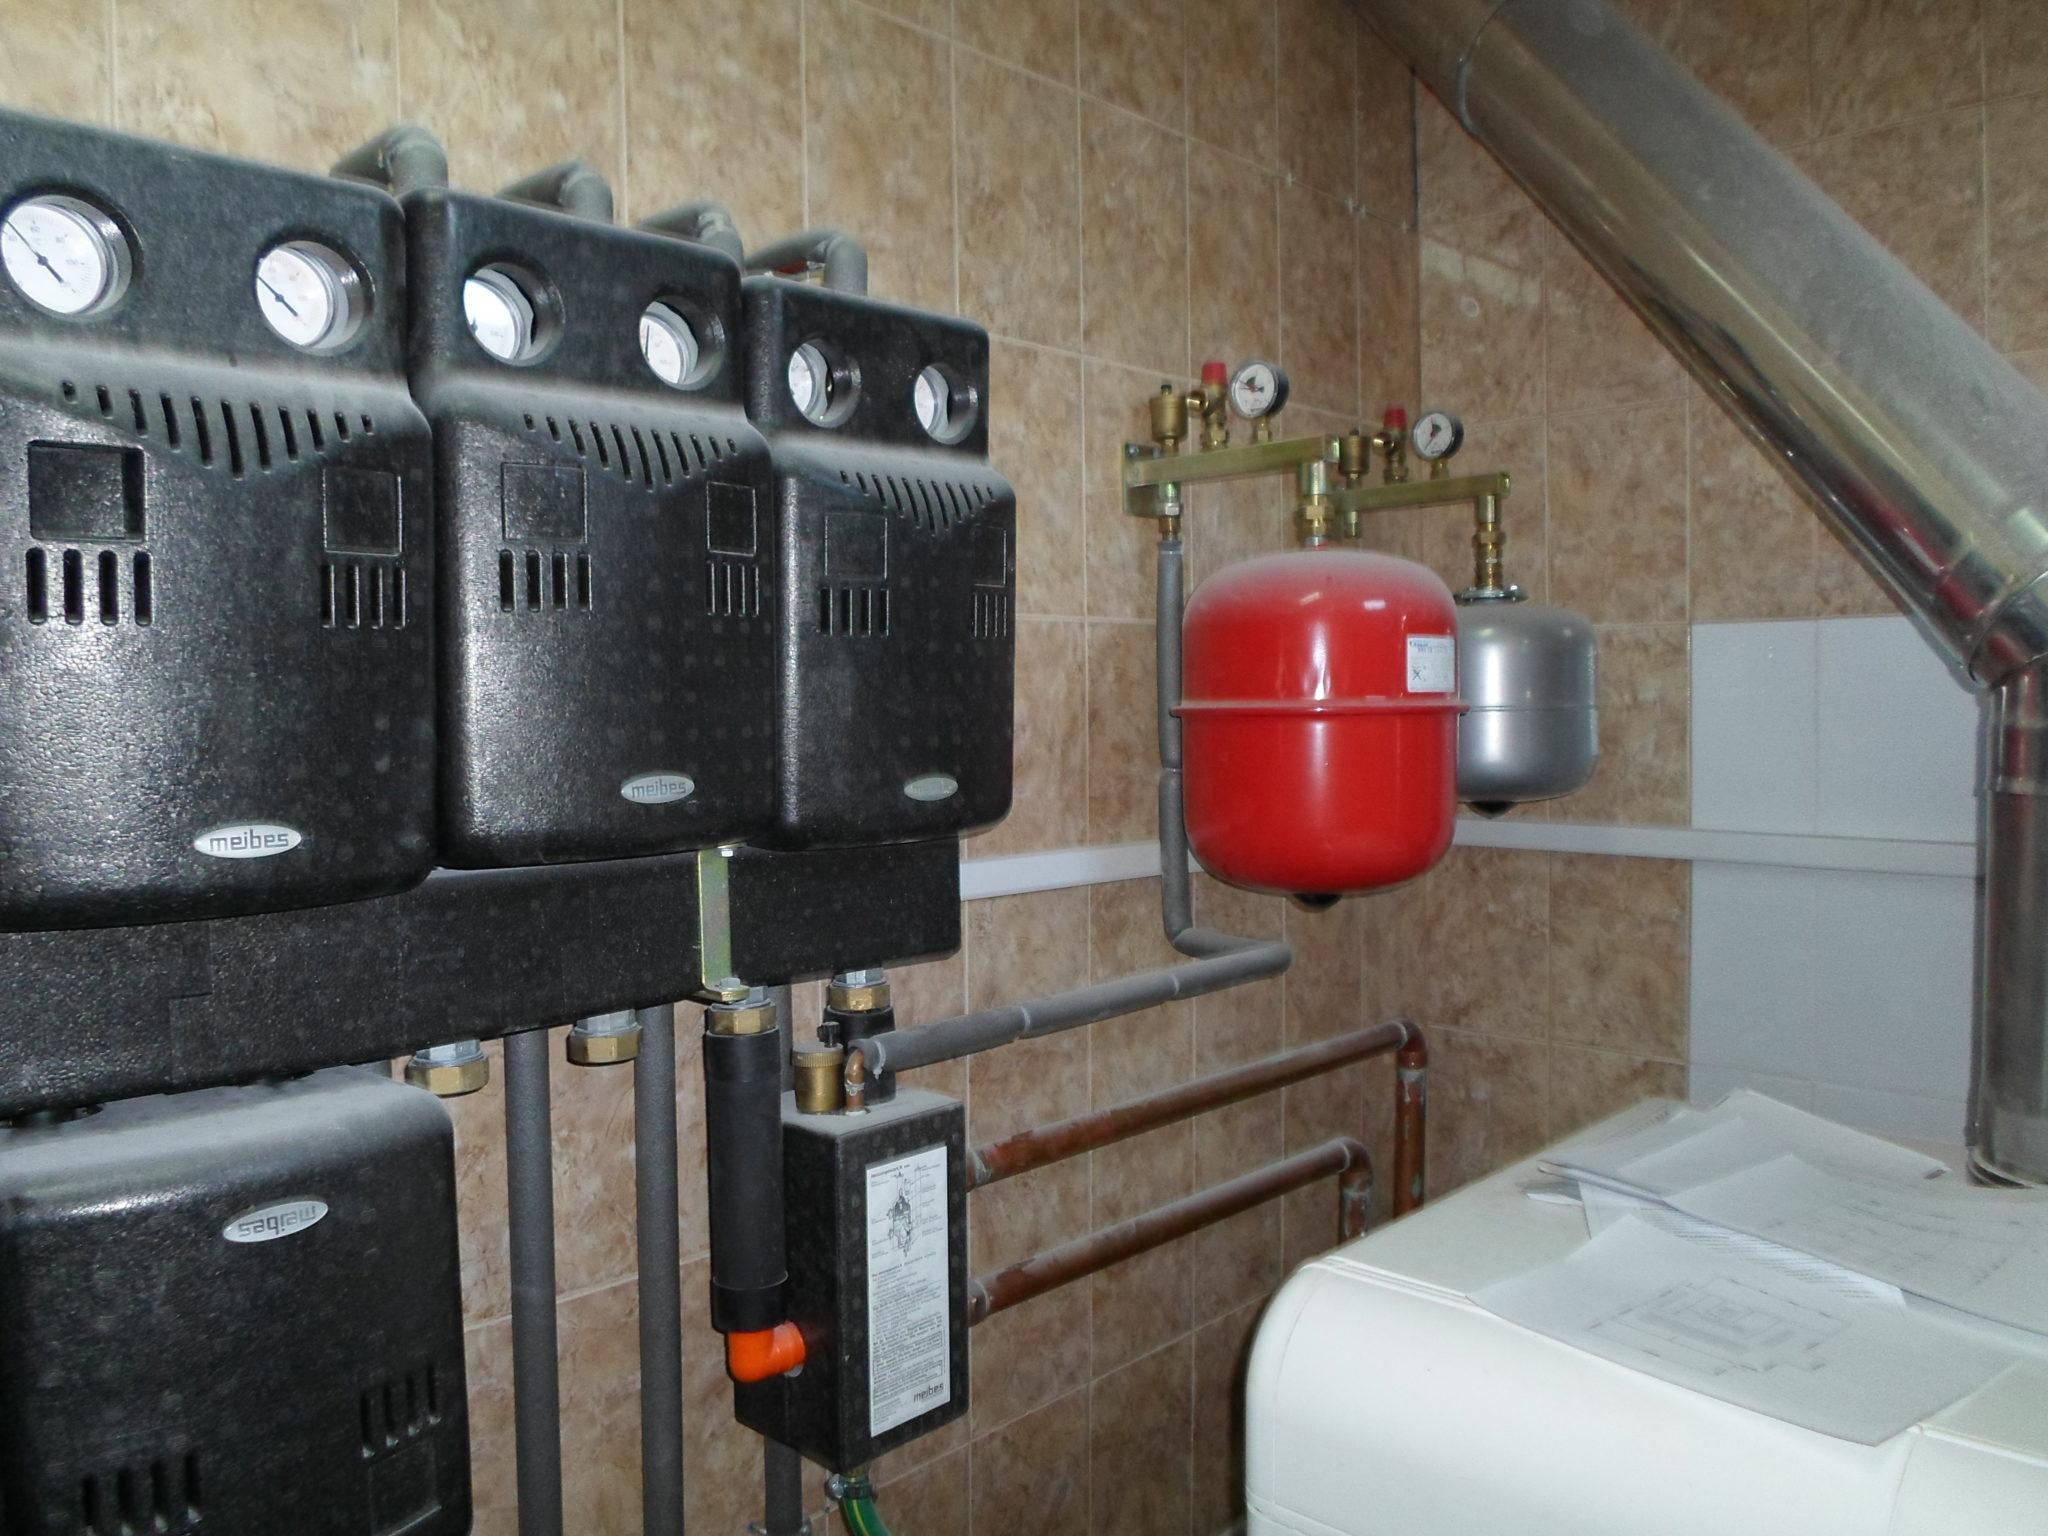 Chauffage electrique salle de bain economique chauffage for Chauffage d appoint pour salle de bain